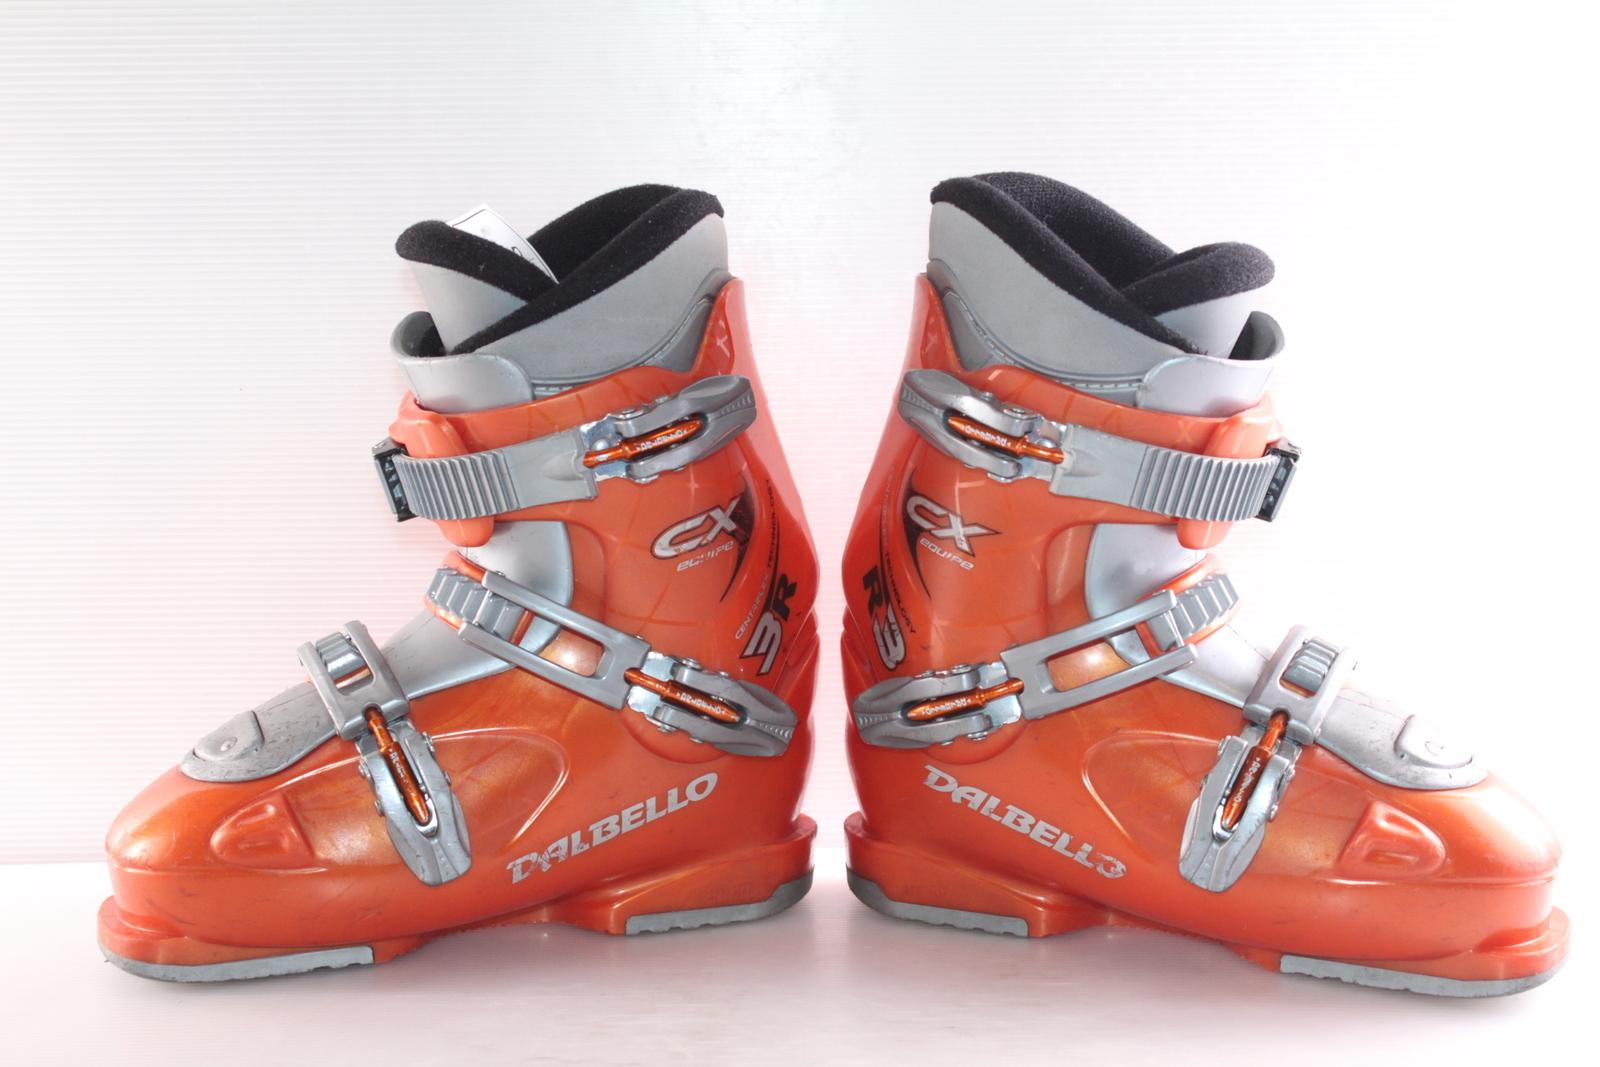 Dětské lyžáky Dalbello CX Equipe vel. EU38